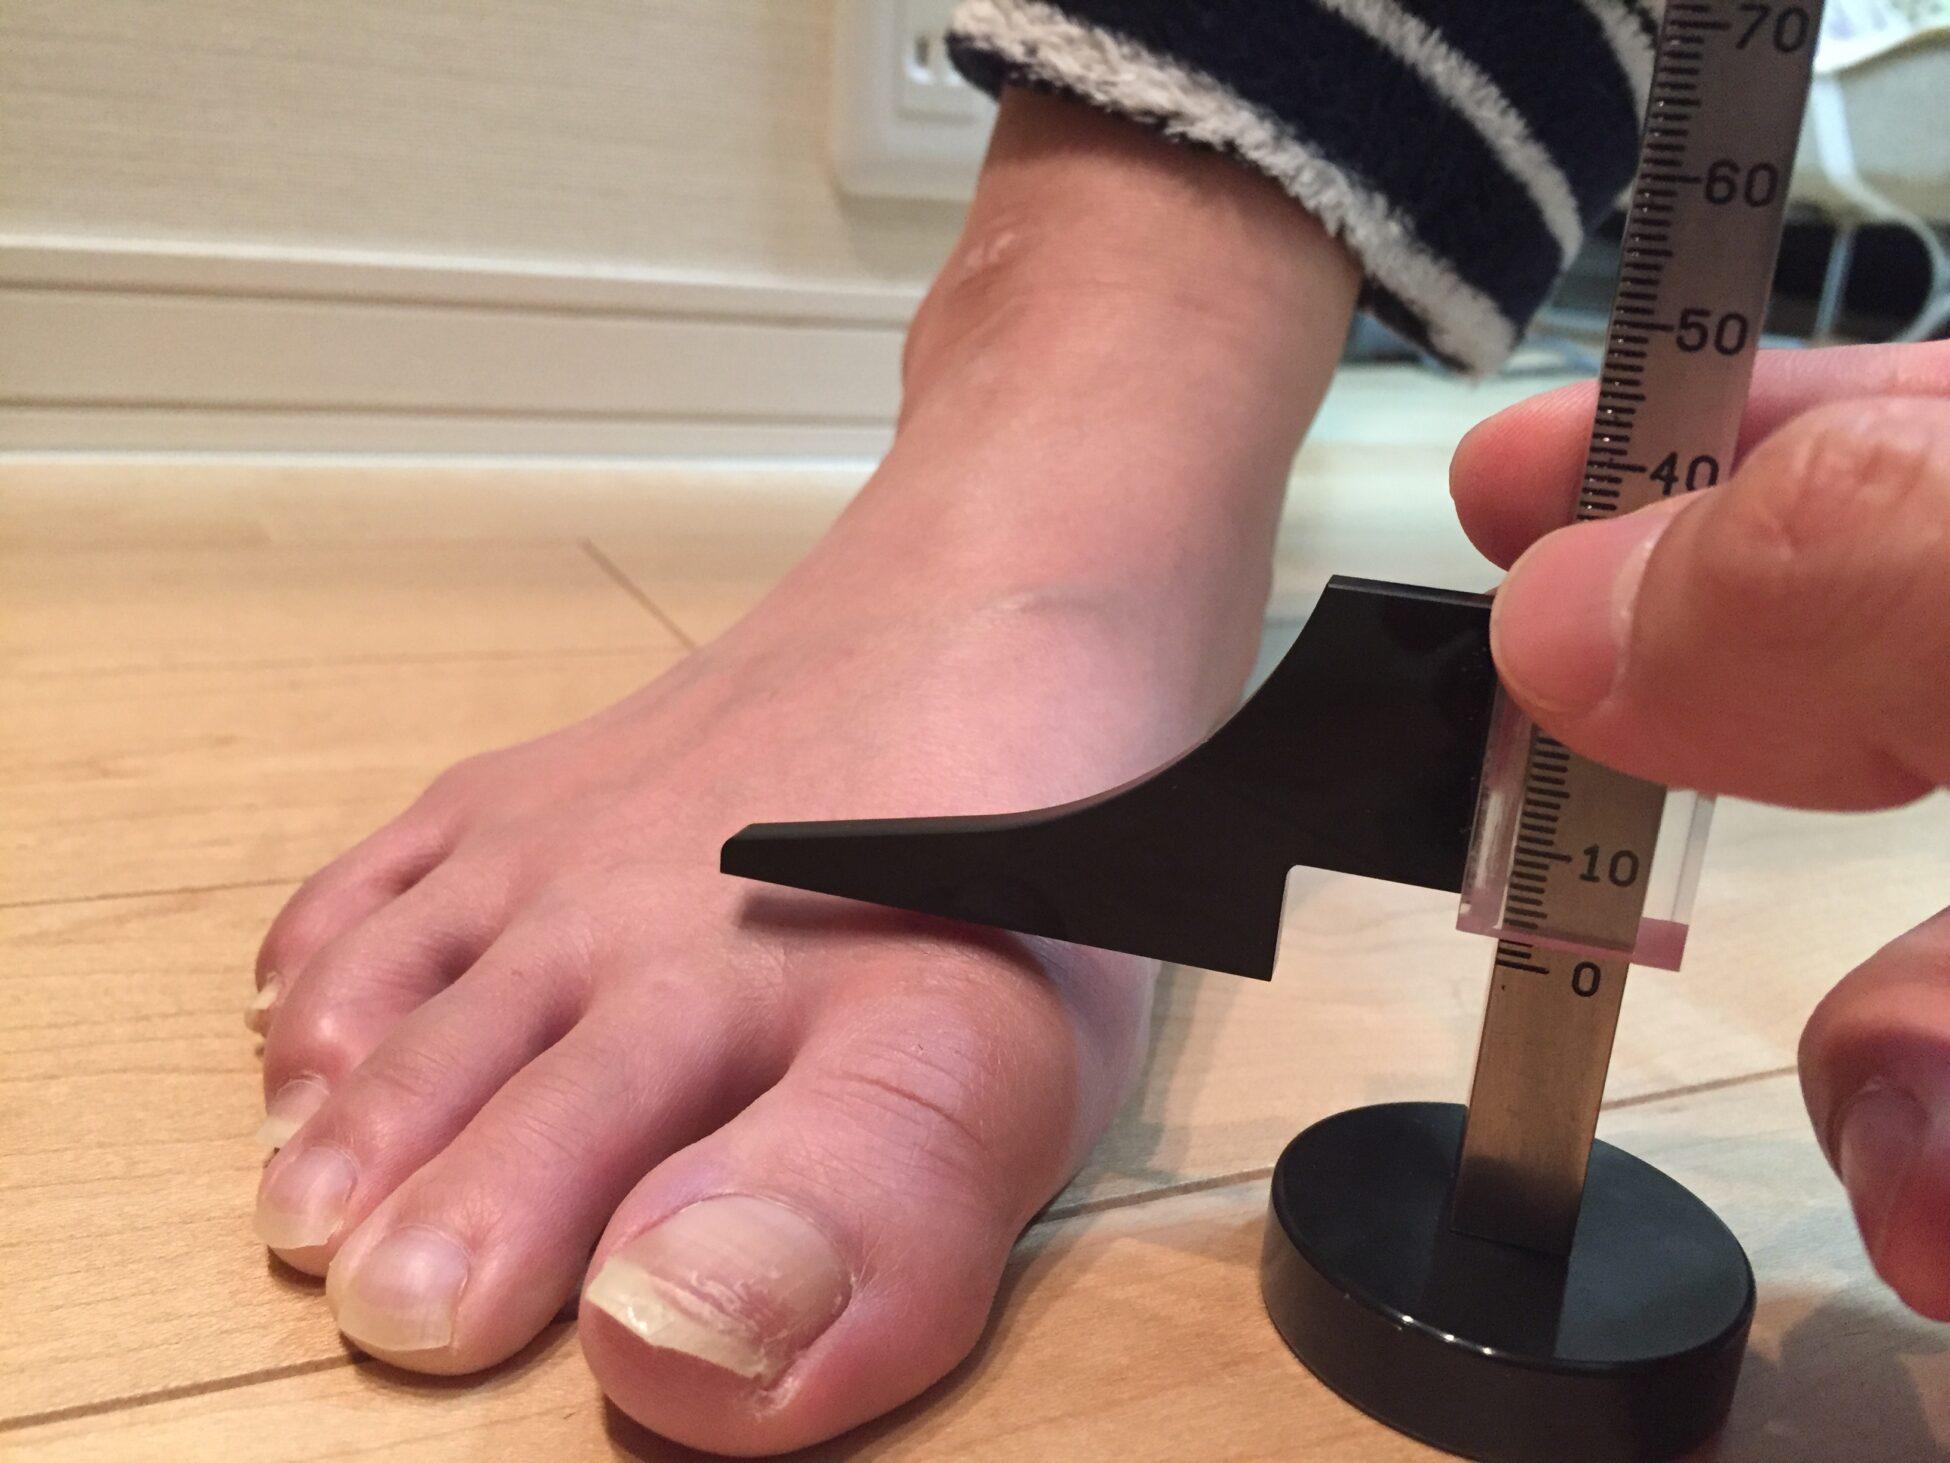 足のサイズ計測 高さ